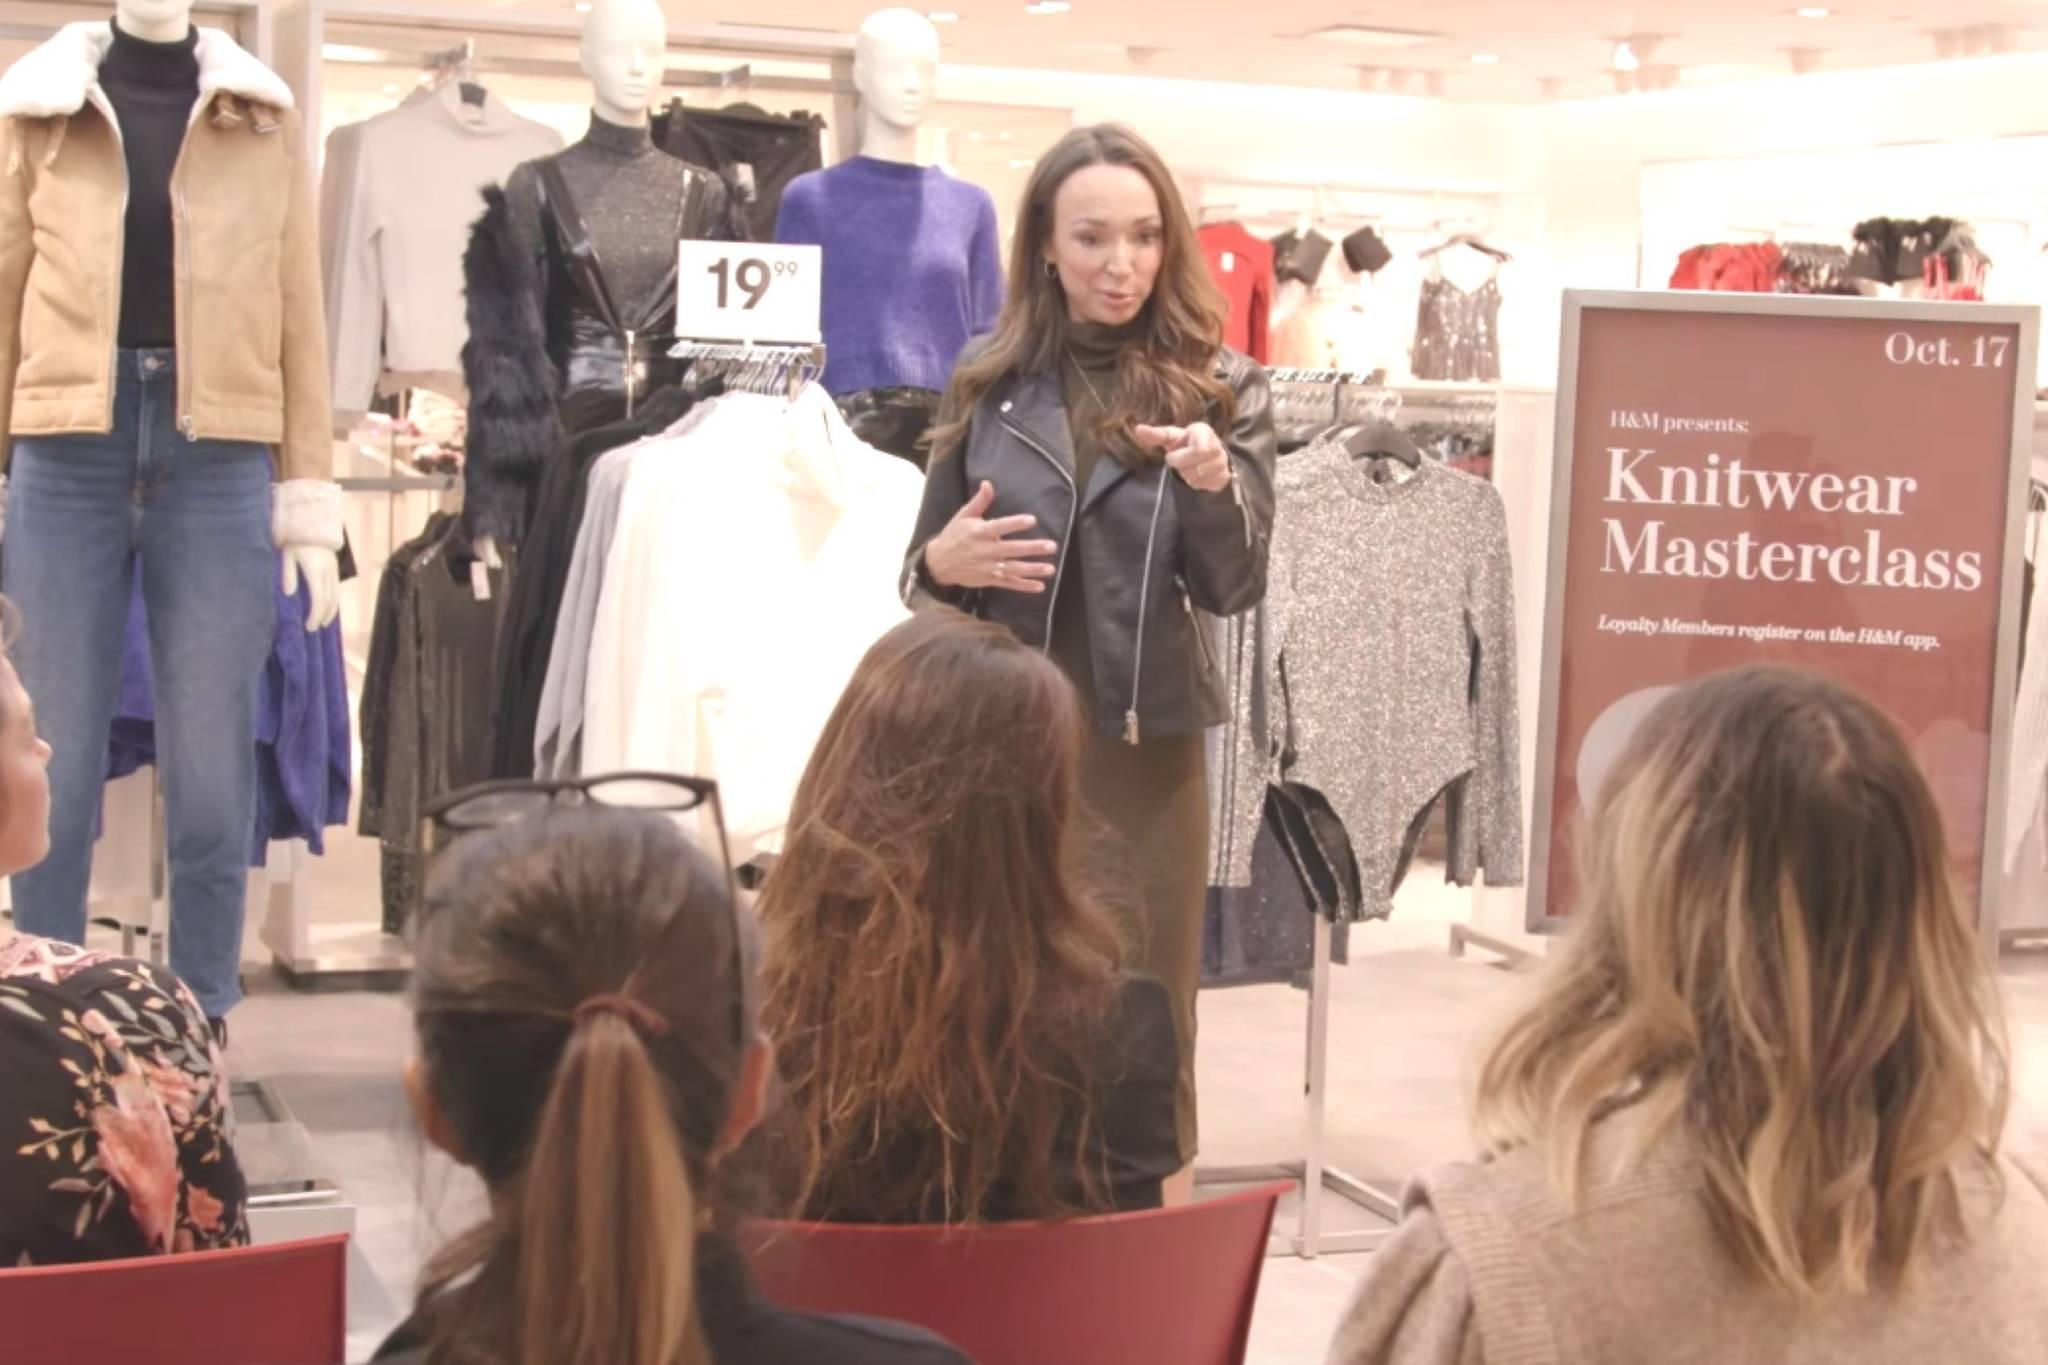 Fashion Fridays: A masterclass on H&M knitwear